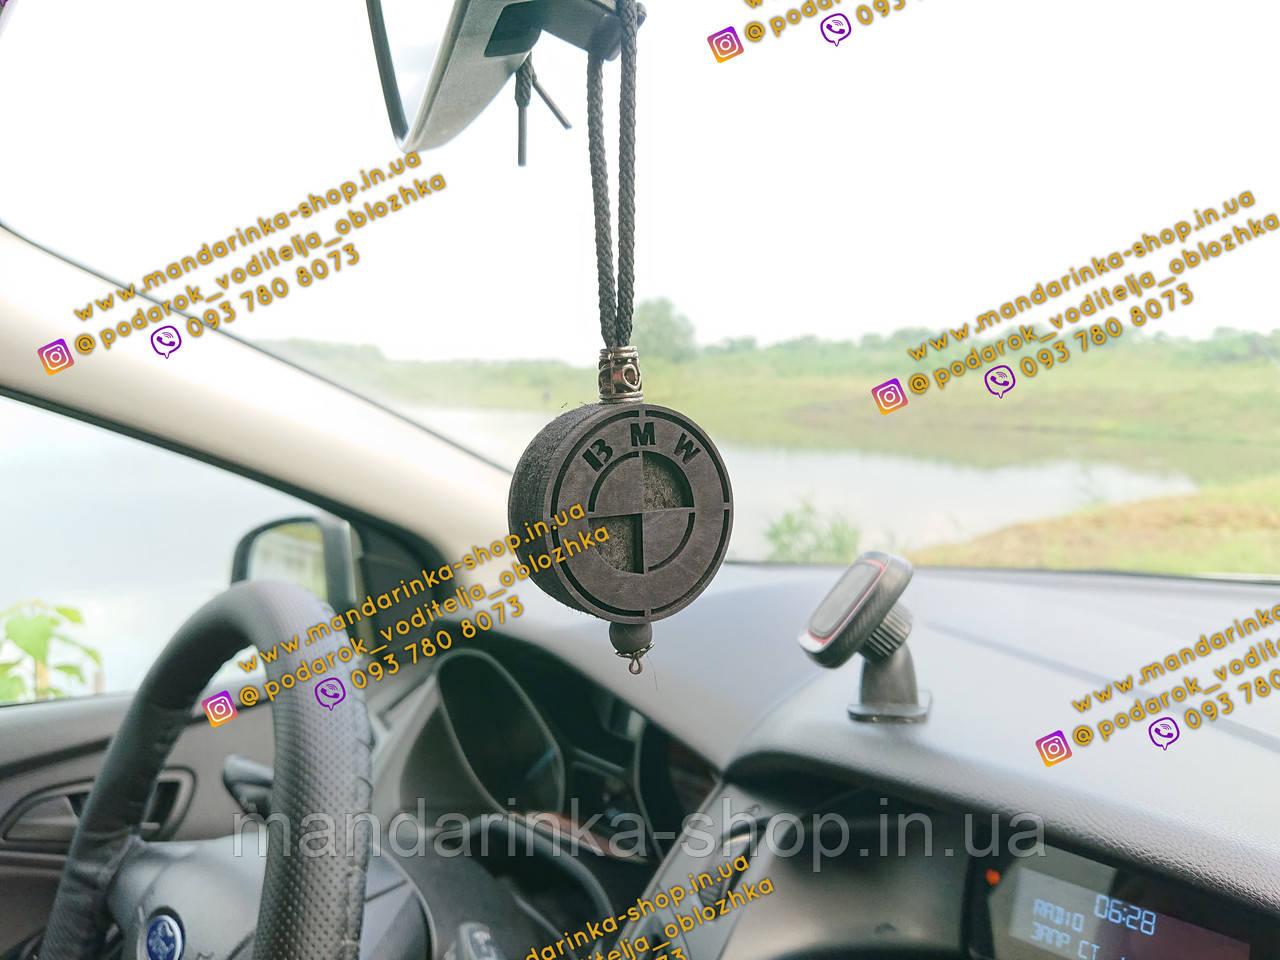 Підвіска ароматизатор BMW, Парфуми БМВ на дзеркало